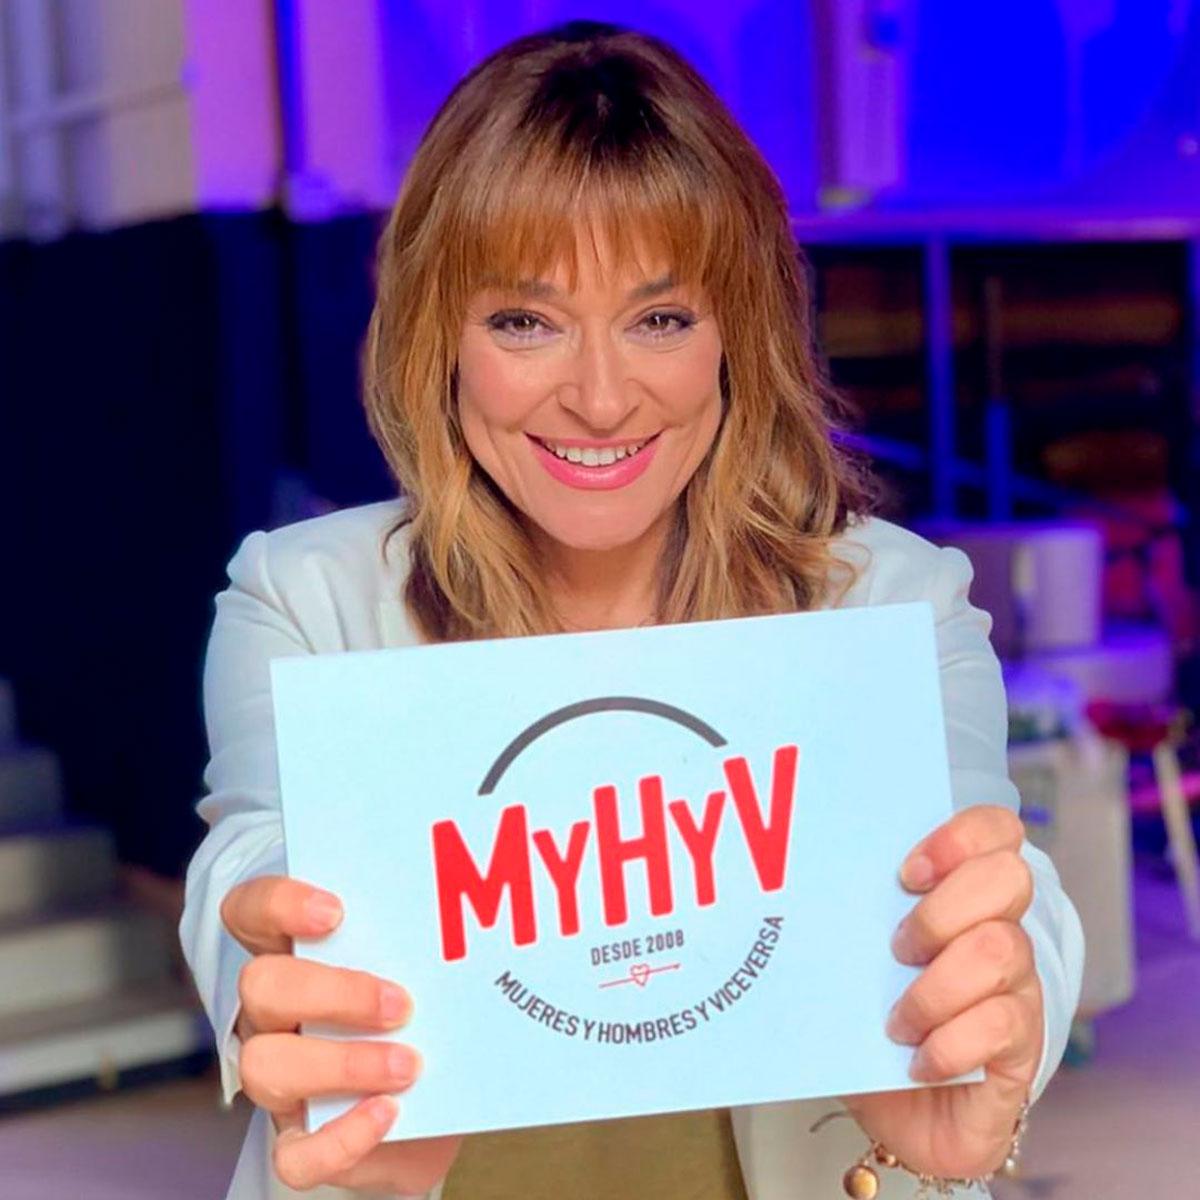 Toñi Moreno dejará de ser presentadora de Mediaset a partir de septiembre, cuando vuelva Emma García y Jesús Vázquez empiece a trabajar en 'Mujeres y hombres y viceversa' / Mediaset